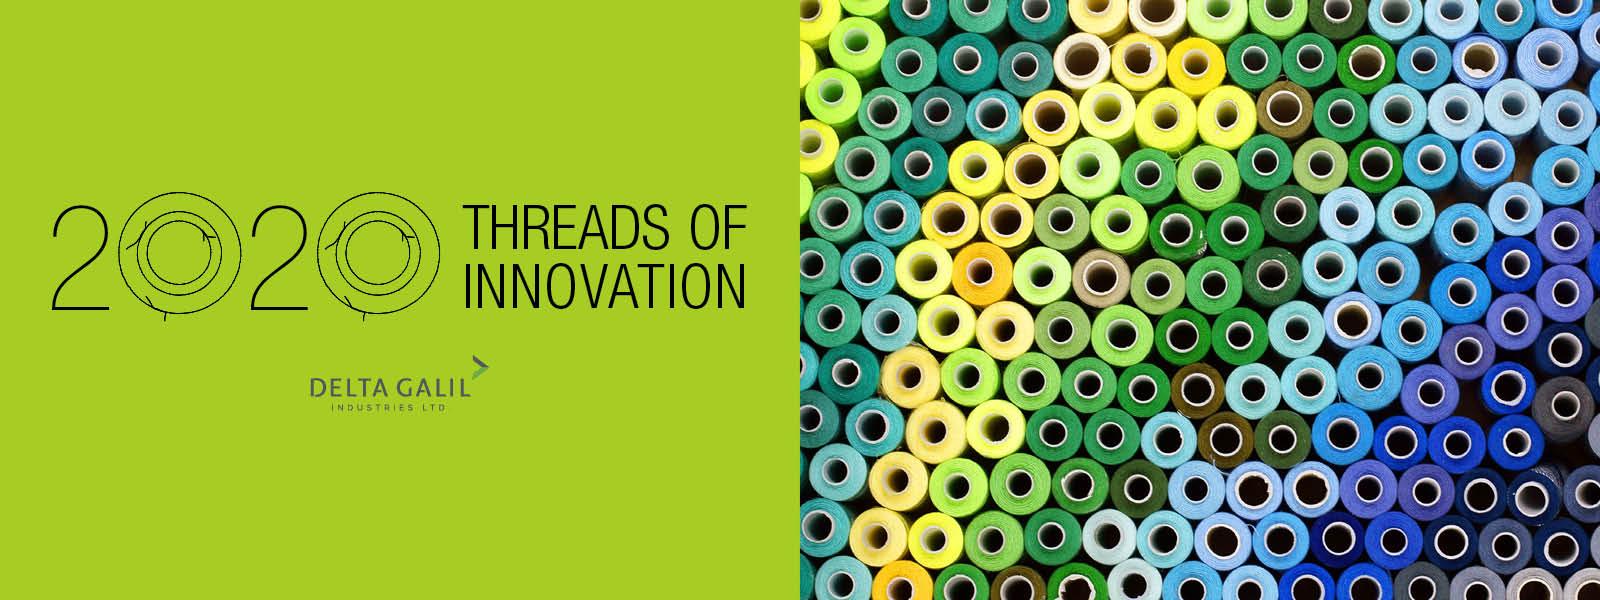 ליווי סטארטאפים בתוכנית Threads of Innovation